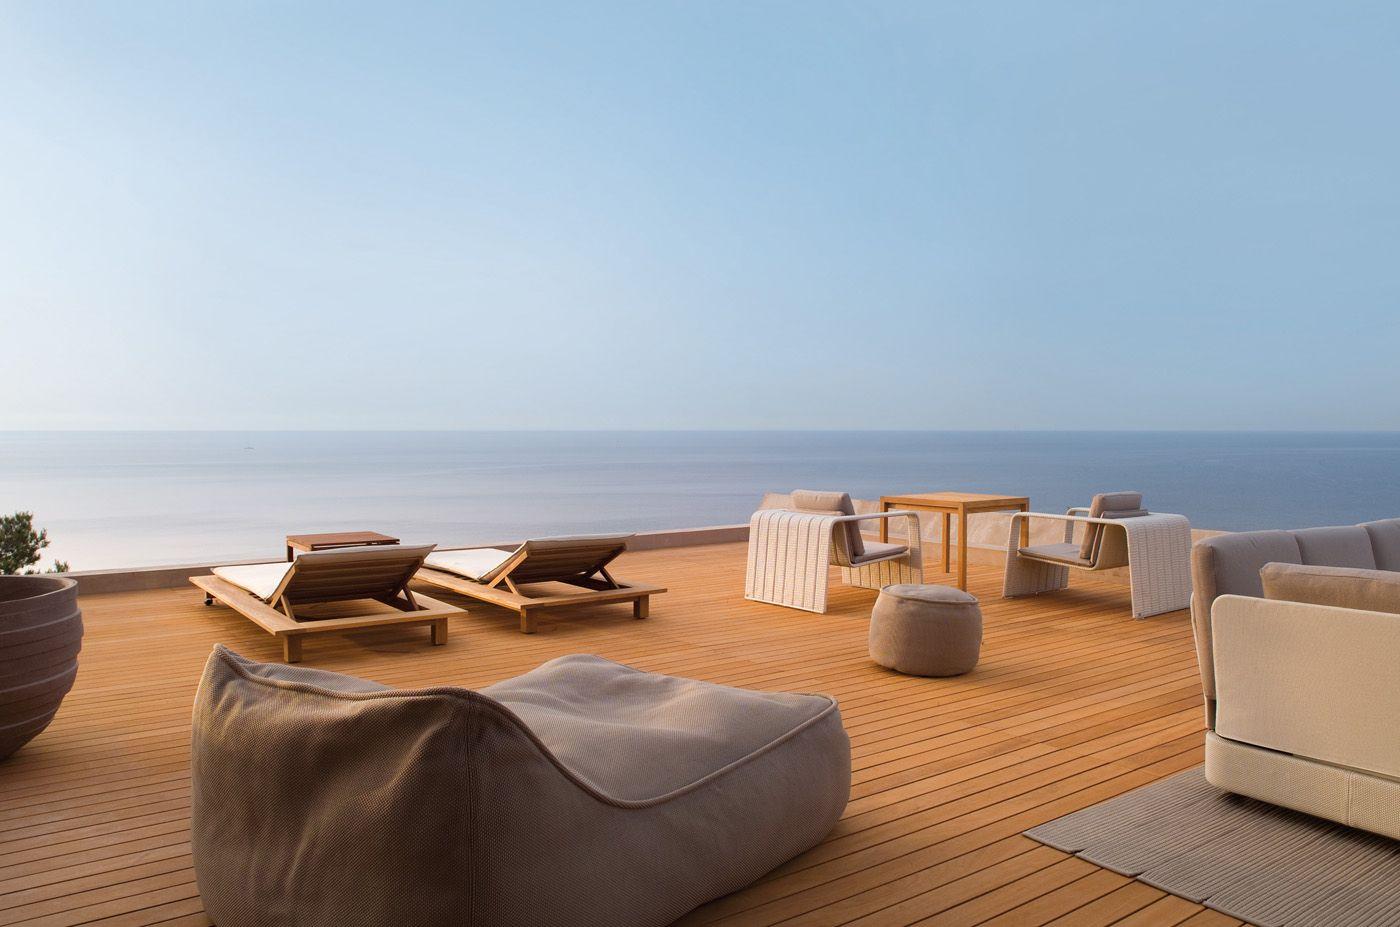 Une Ambiance Calme Et Sereine Par Wilmotte Associ S Architecture D 39 Ext Rieur Hotel Design